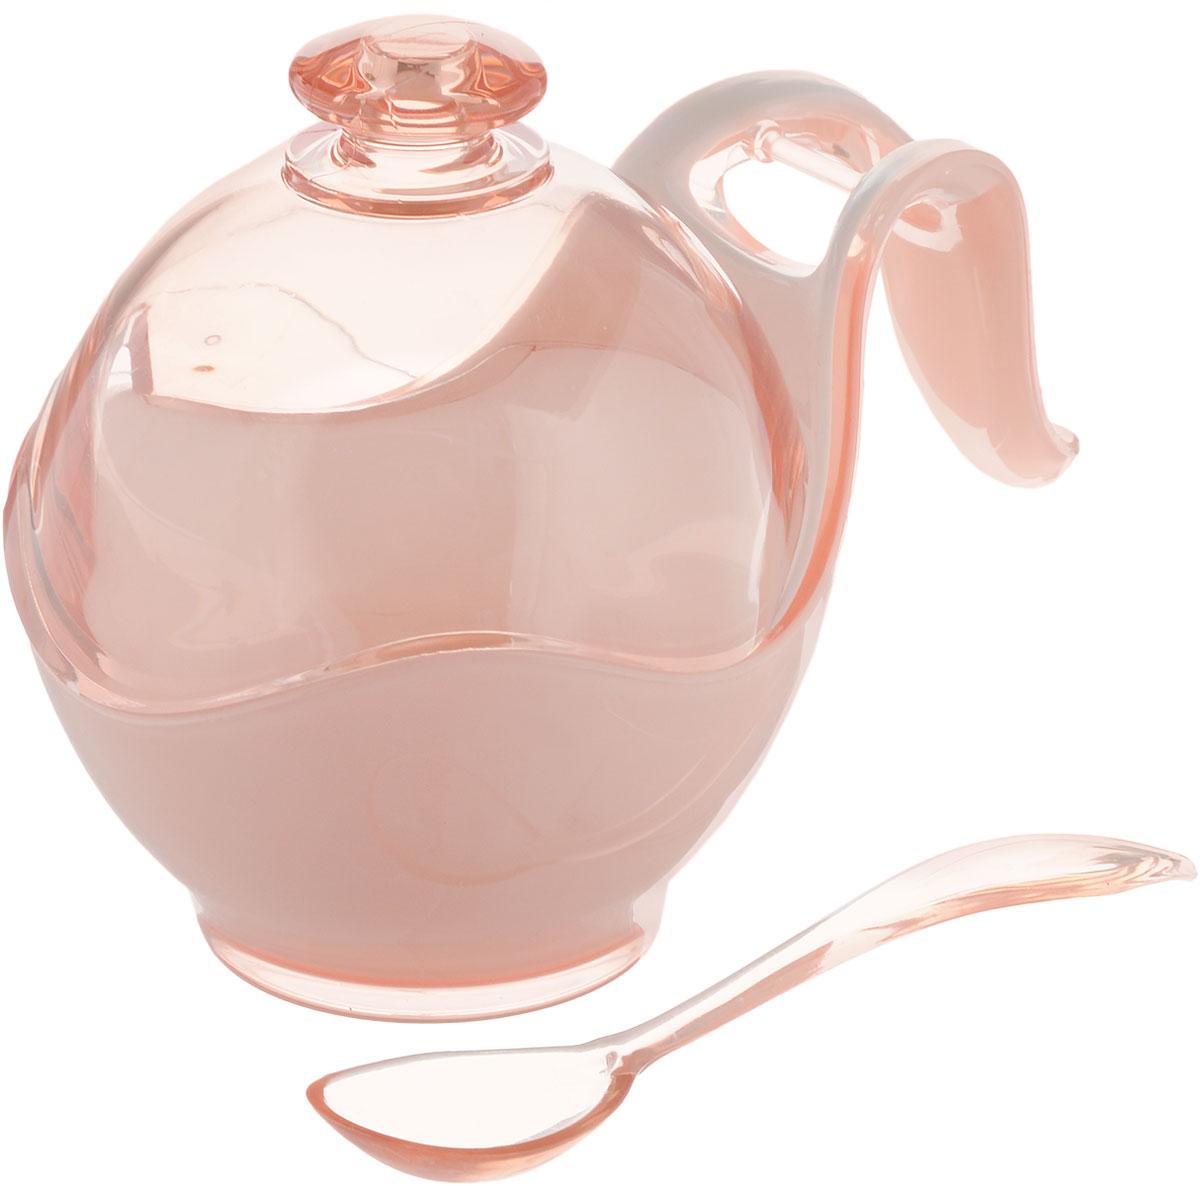 Сахарница Indecor, с ложкой, цвет: бежевый, белый. IND576115510Сахарница Indecor изготовлена из пластика. Изделие выполнено в классическом стиле. Сахарница оснащенаручкой для удобной переноски и ложкой. Благодаря объемной крышки в ней удобно хранить рафинад. Сахарница Indecor станет незаменимым атрибутом любого чаепития, праздничного, вечернего или на открытом воздухе, а также подчеркнет ваш изысканный вкус.Размер сахарницы (по верхнему краю): 8 х 9,5 см.Ширина сахарницы (с учетом ручки): 14 см.Высота сахарницы (с учетом крышки): 11 см.Длина ложки: 13 см.